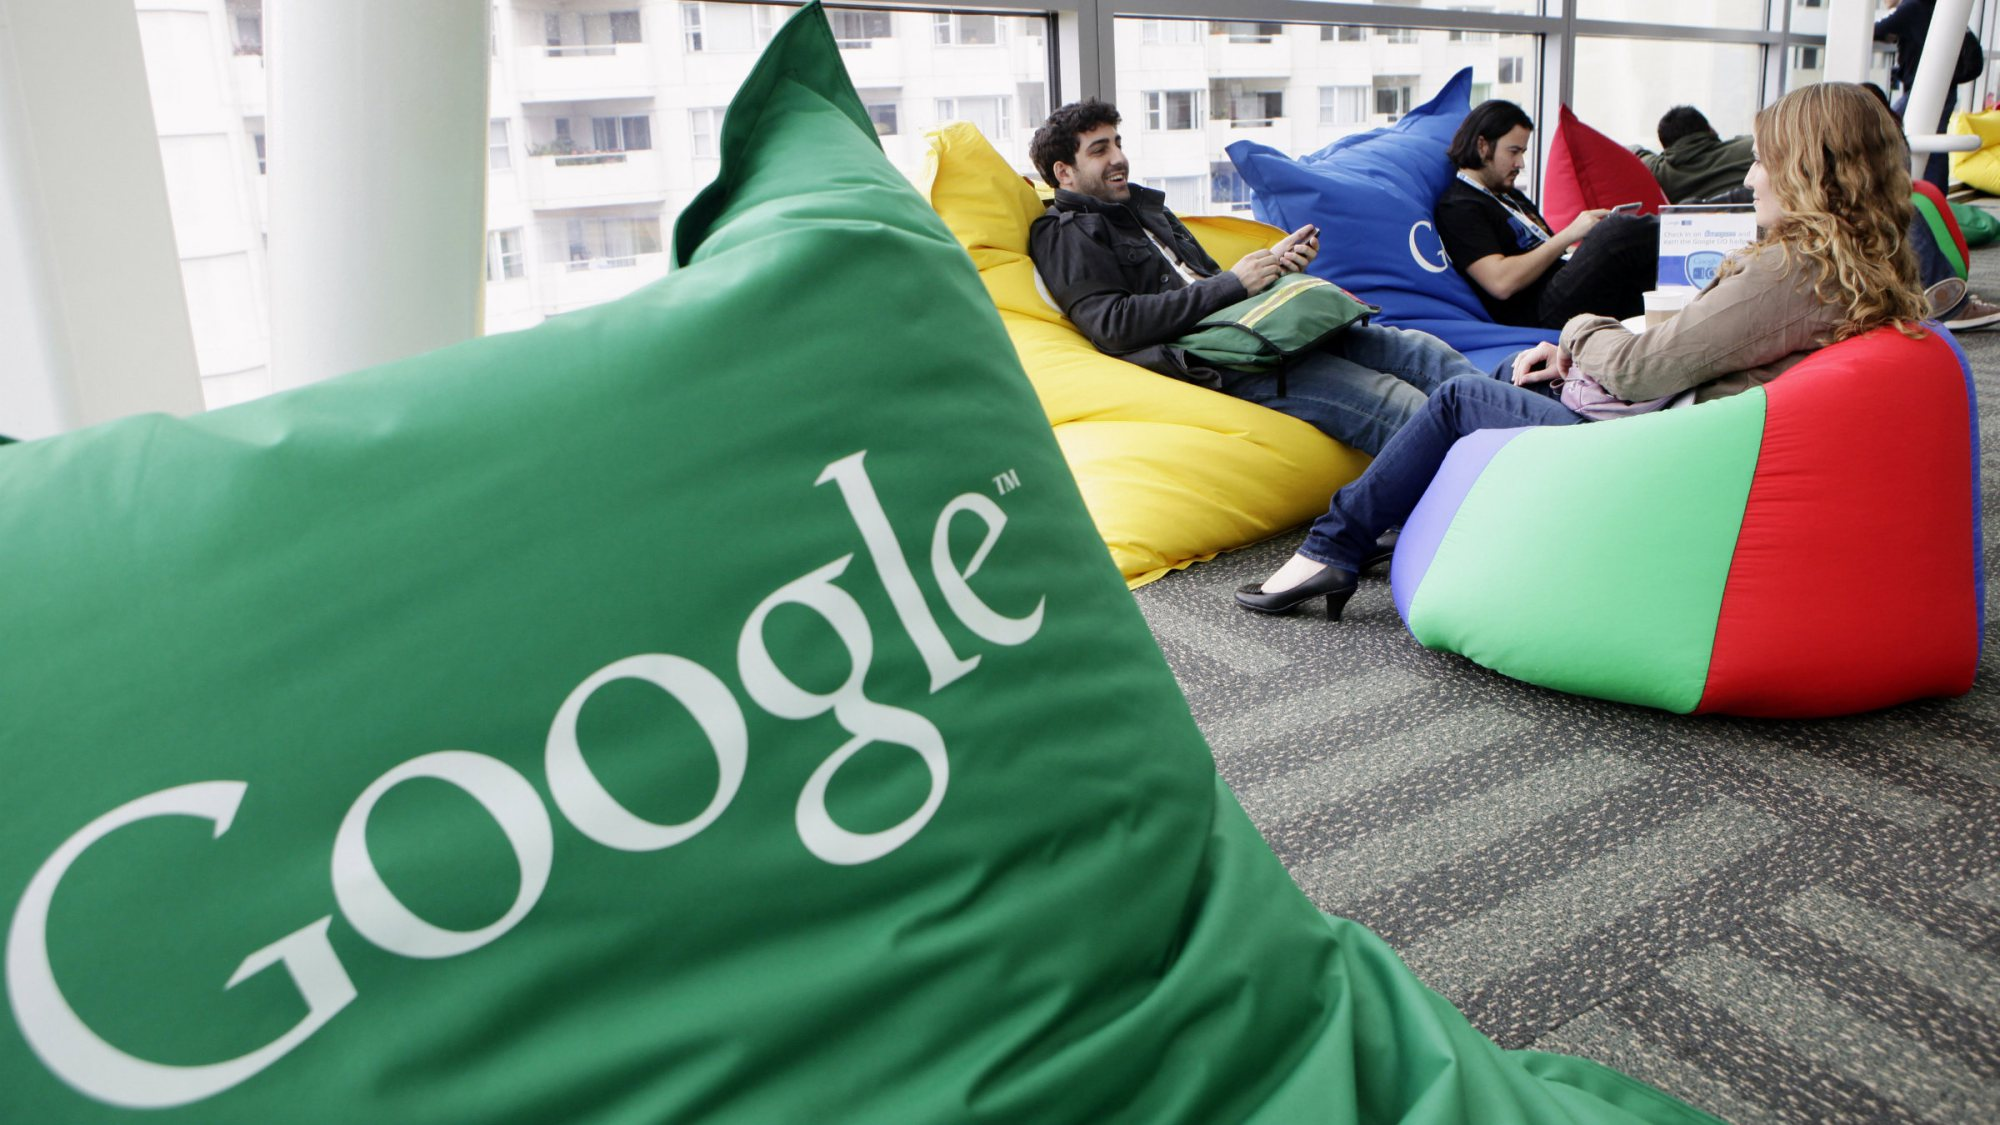 google, facebook, work, jobs, glassdoor, workplace